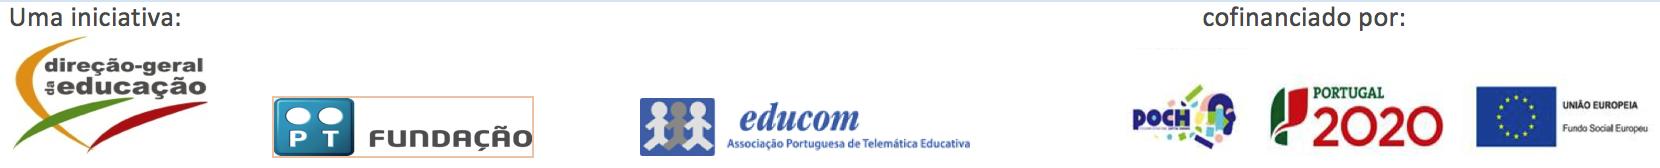 logo KA Portugal POCH